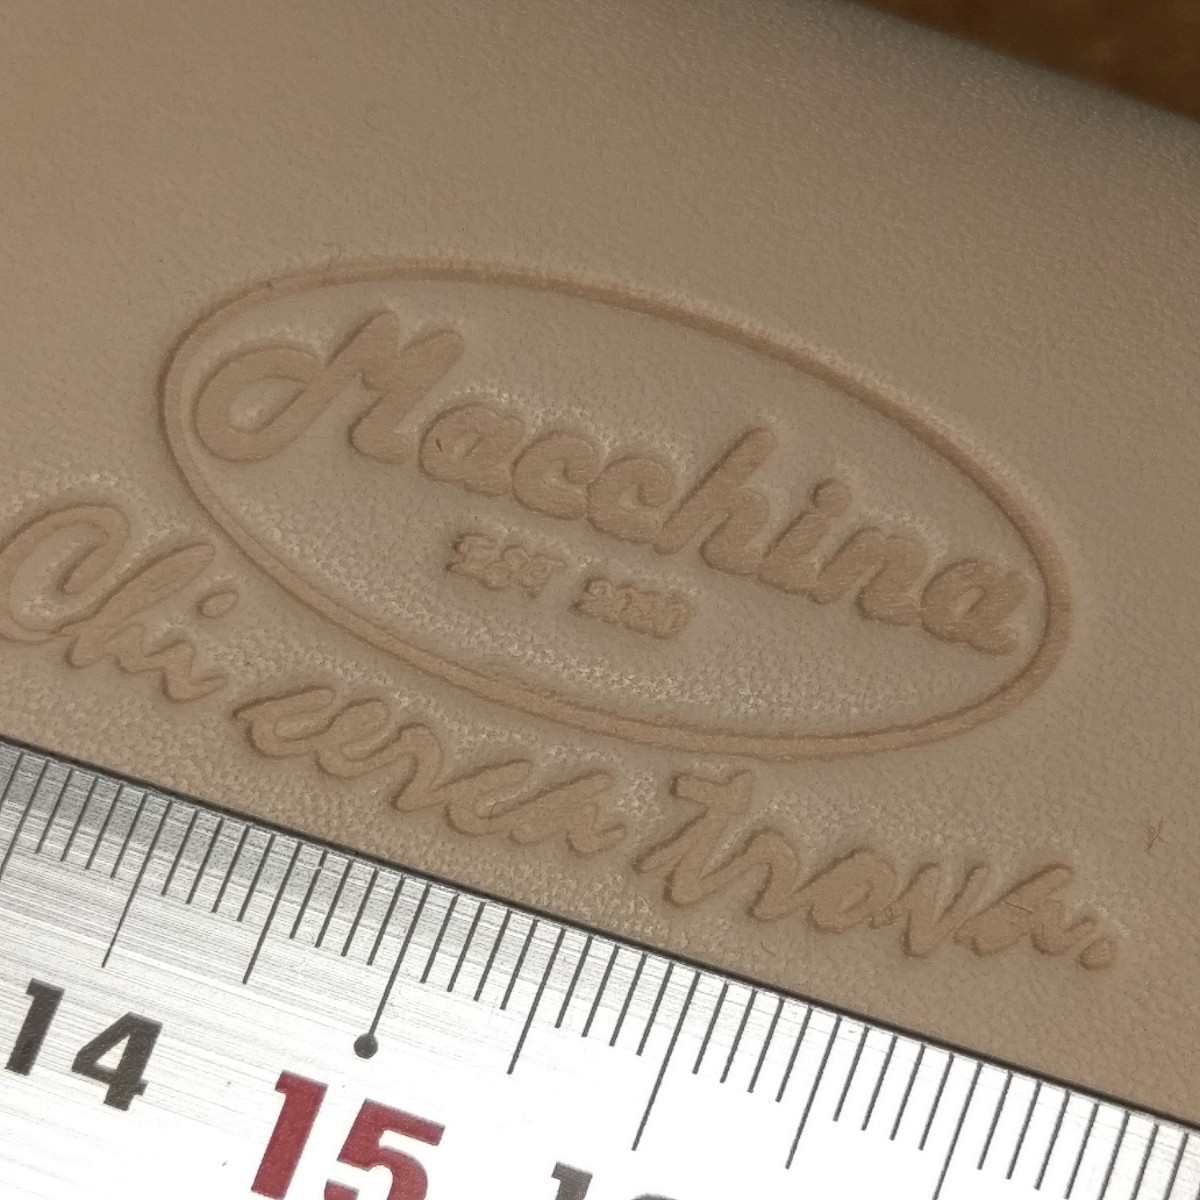 レザークラフト用 刻印が作れる!  紫外線硬化樹脂版 2枚 レタープレス